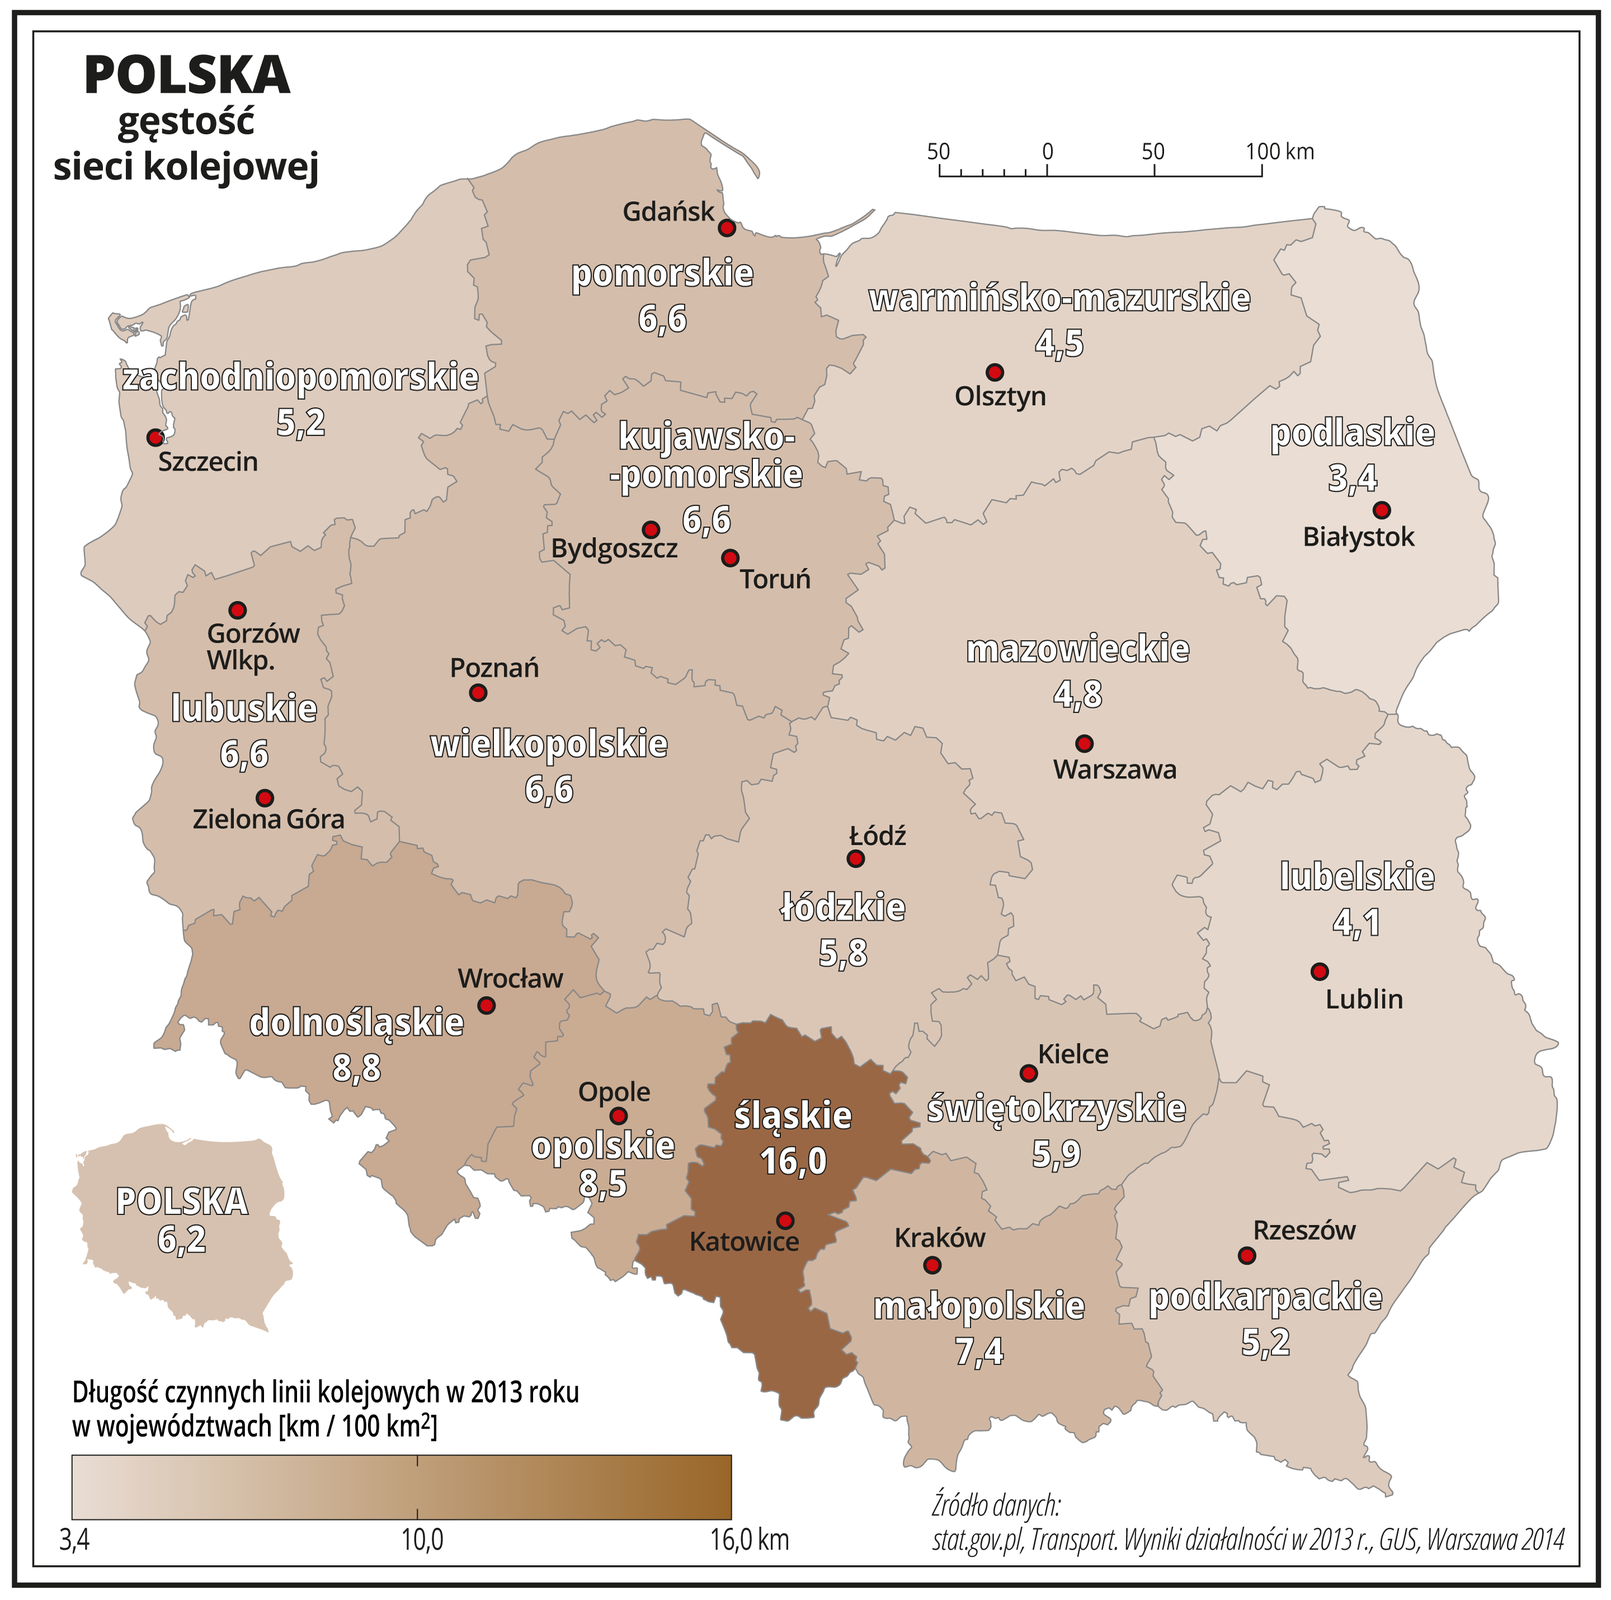 Ilustracja przedstawia mapę Polski zpodziałem na województwa iobrazuje gęstość sieci kolejowej. Granice województw zaznaczone są szarą linią. Powierzchnie województw mają kolor brązowy, użyto kilku odcieni – od jasnobrązowego do ciemnobrązowego. Nasyceniem kolorów przedstawiono długość czynnych linii kolejowych wdwa tysiące trzynastym roku wwojewództwach wkilometrach na sto kilometrów kwadratowych. Dodatkowo wkażdym województwie zapisano liczbę obrazującą długość tych linii. Najniższa wartość przedstawiona na mapie to trzy przecinek cztery kilometra sieci kolejowych na sto kilometrów kwadratowych – wwojewództwie podlaskim. Największa wartość (najciemniejszy odcień) to szesnaście kilometrów linii kolejowych na sto kilometrów kwadratowych – wwojewództwie śląskim. Wwojewództwach zachodnich gęstość sieci kolejowej jest większa niż we wschodnich iwaha się od sześć do osiem kilometrów linii kolejowych na sto kilometrów kwadratowych. Wwojewództwach wschodnich wynosi od około trzech do około pięciu kilometrów. Czerwonymi kropkami zaznaczono miasta wojewódzkie. Po lewej stronie mapy na dole wlegendzie umieszczono cieniowany kolorem brązowym pasek. Zlewej strony kolor jest najjaśniejszy iopisany trzy przecinek cztery, azprawej najciemniejszy iopisany szesnaście kilometrów. Zlewej strony mapy na dole umieszczono miniaturę mapy Polski ze średnią wartością gęstości linii kolejowej – sześć przecinek dwa kilometra linii kolejowych na sto kilometrów kwadratowych.